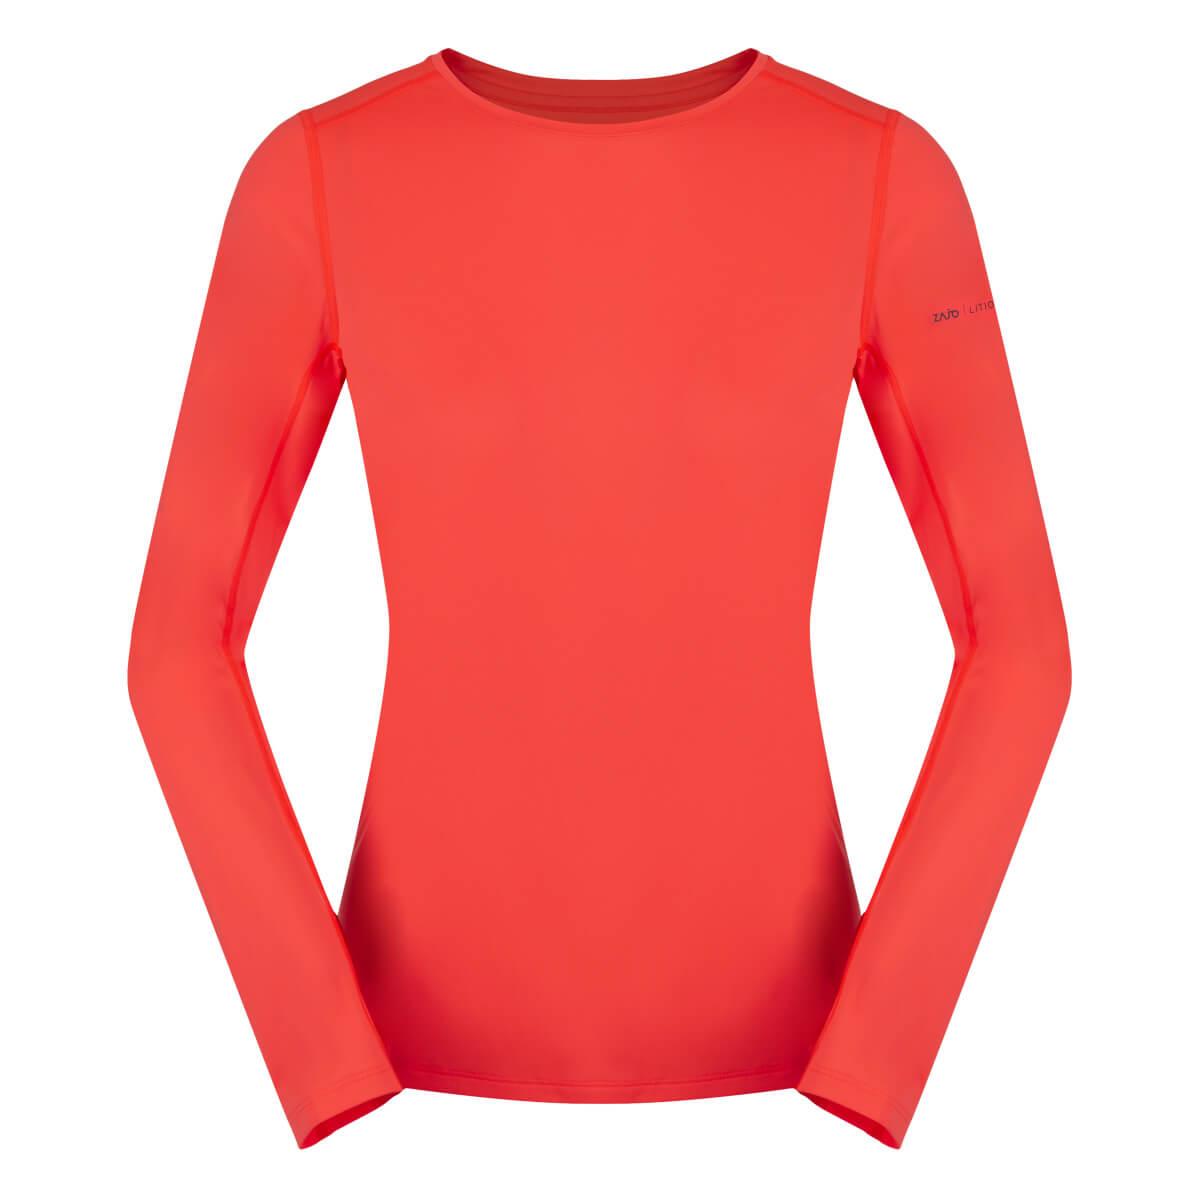 ZAJO Litio T-shirt LS Fluo Coral dámske tričko - veľkosť S